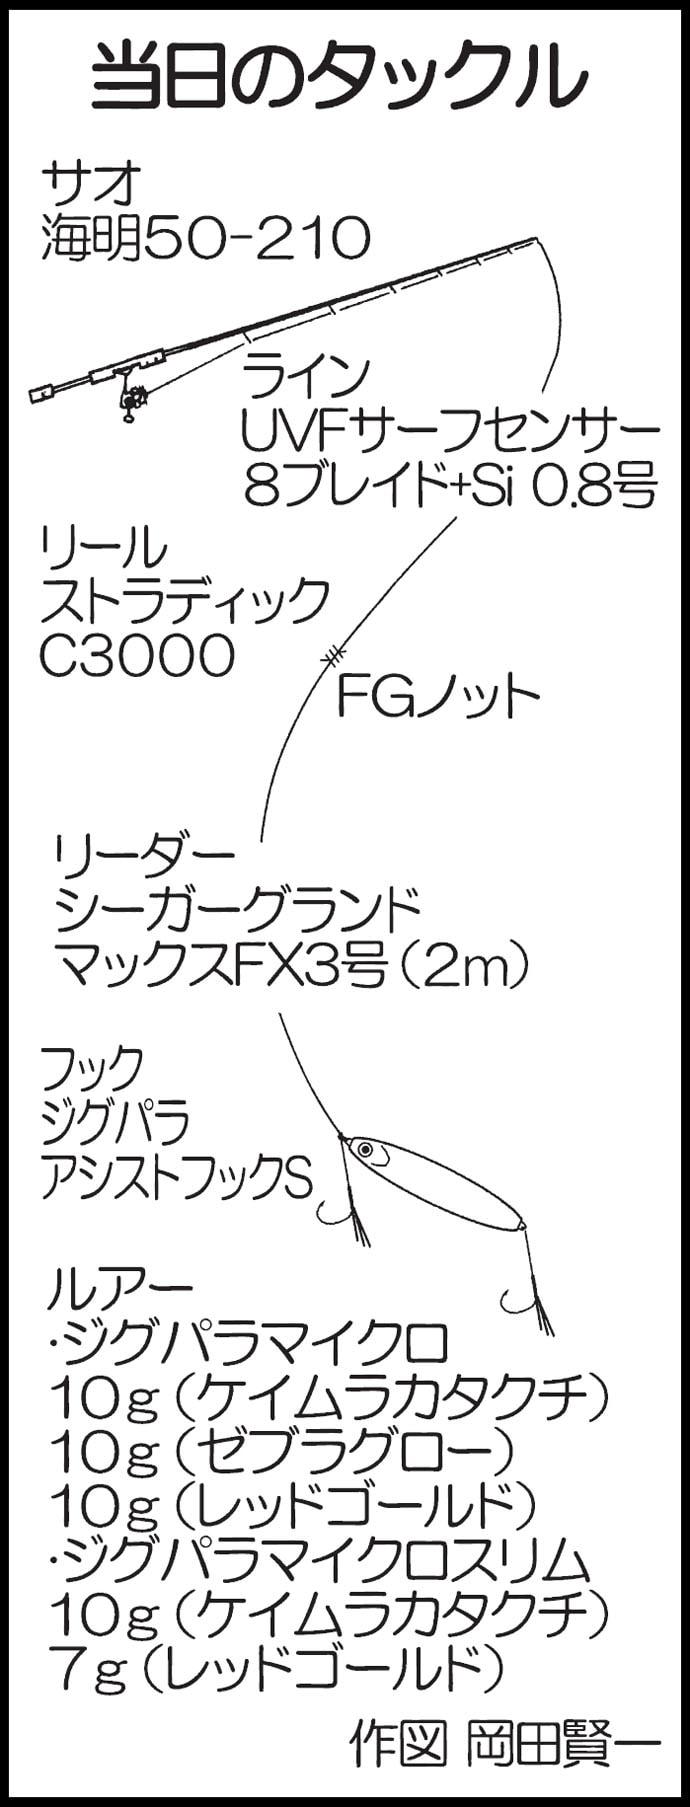 メッキゲームのつもりが五目達成 ゼブラグローカラーがアタリ【番匠川】